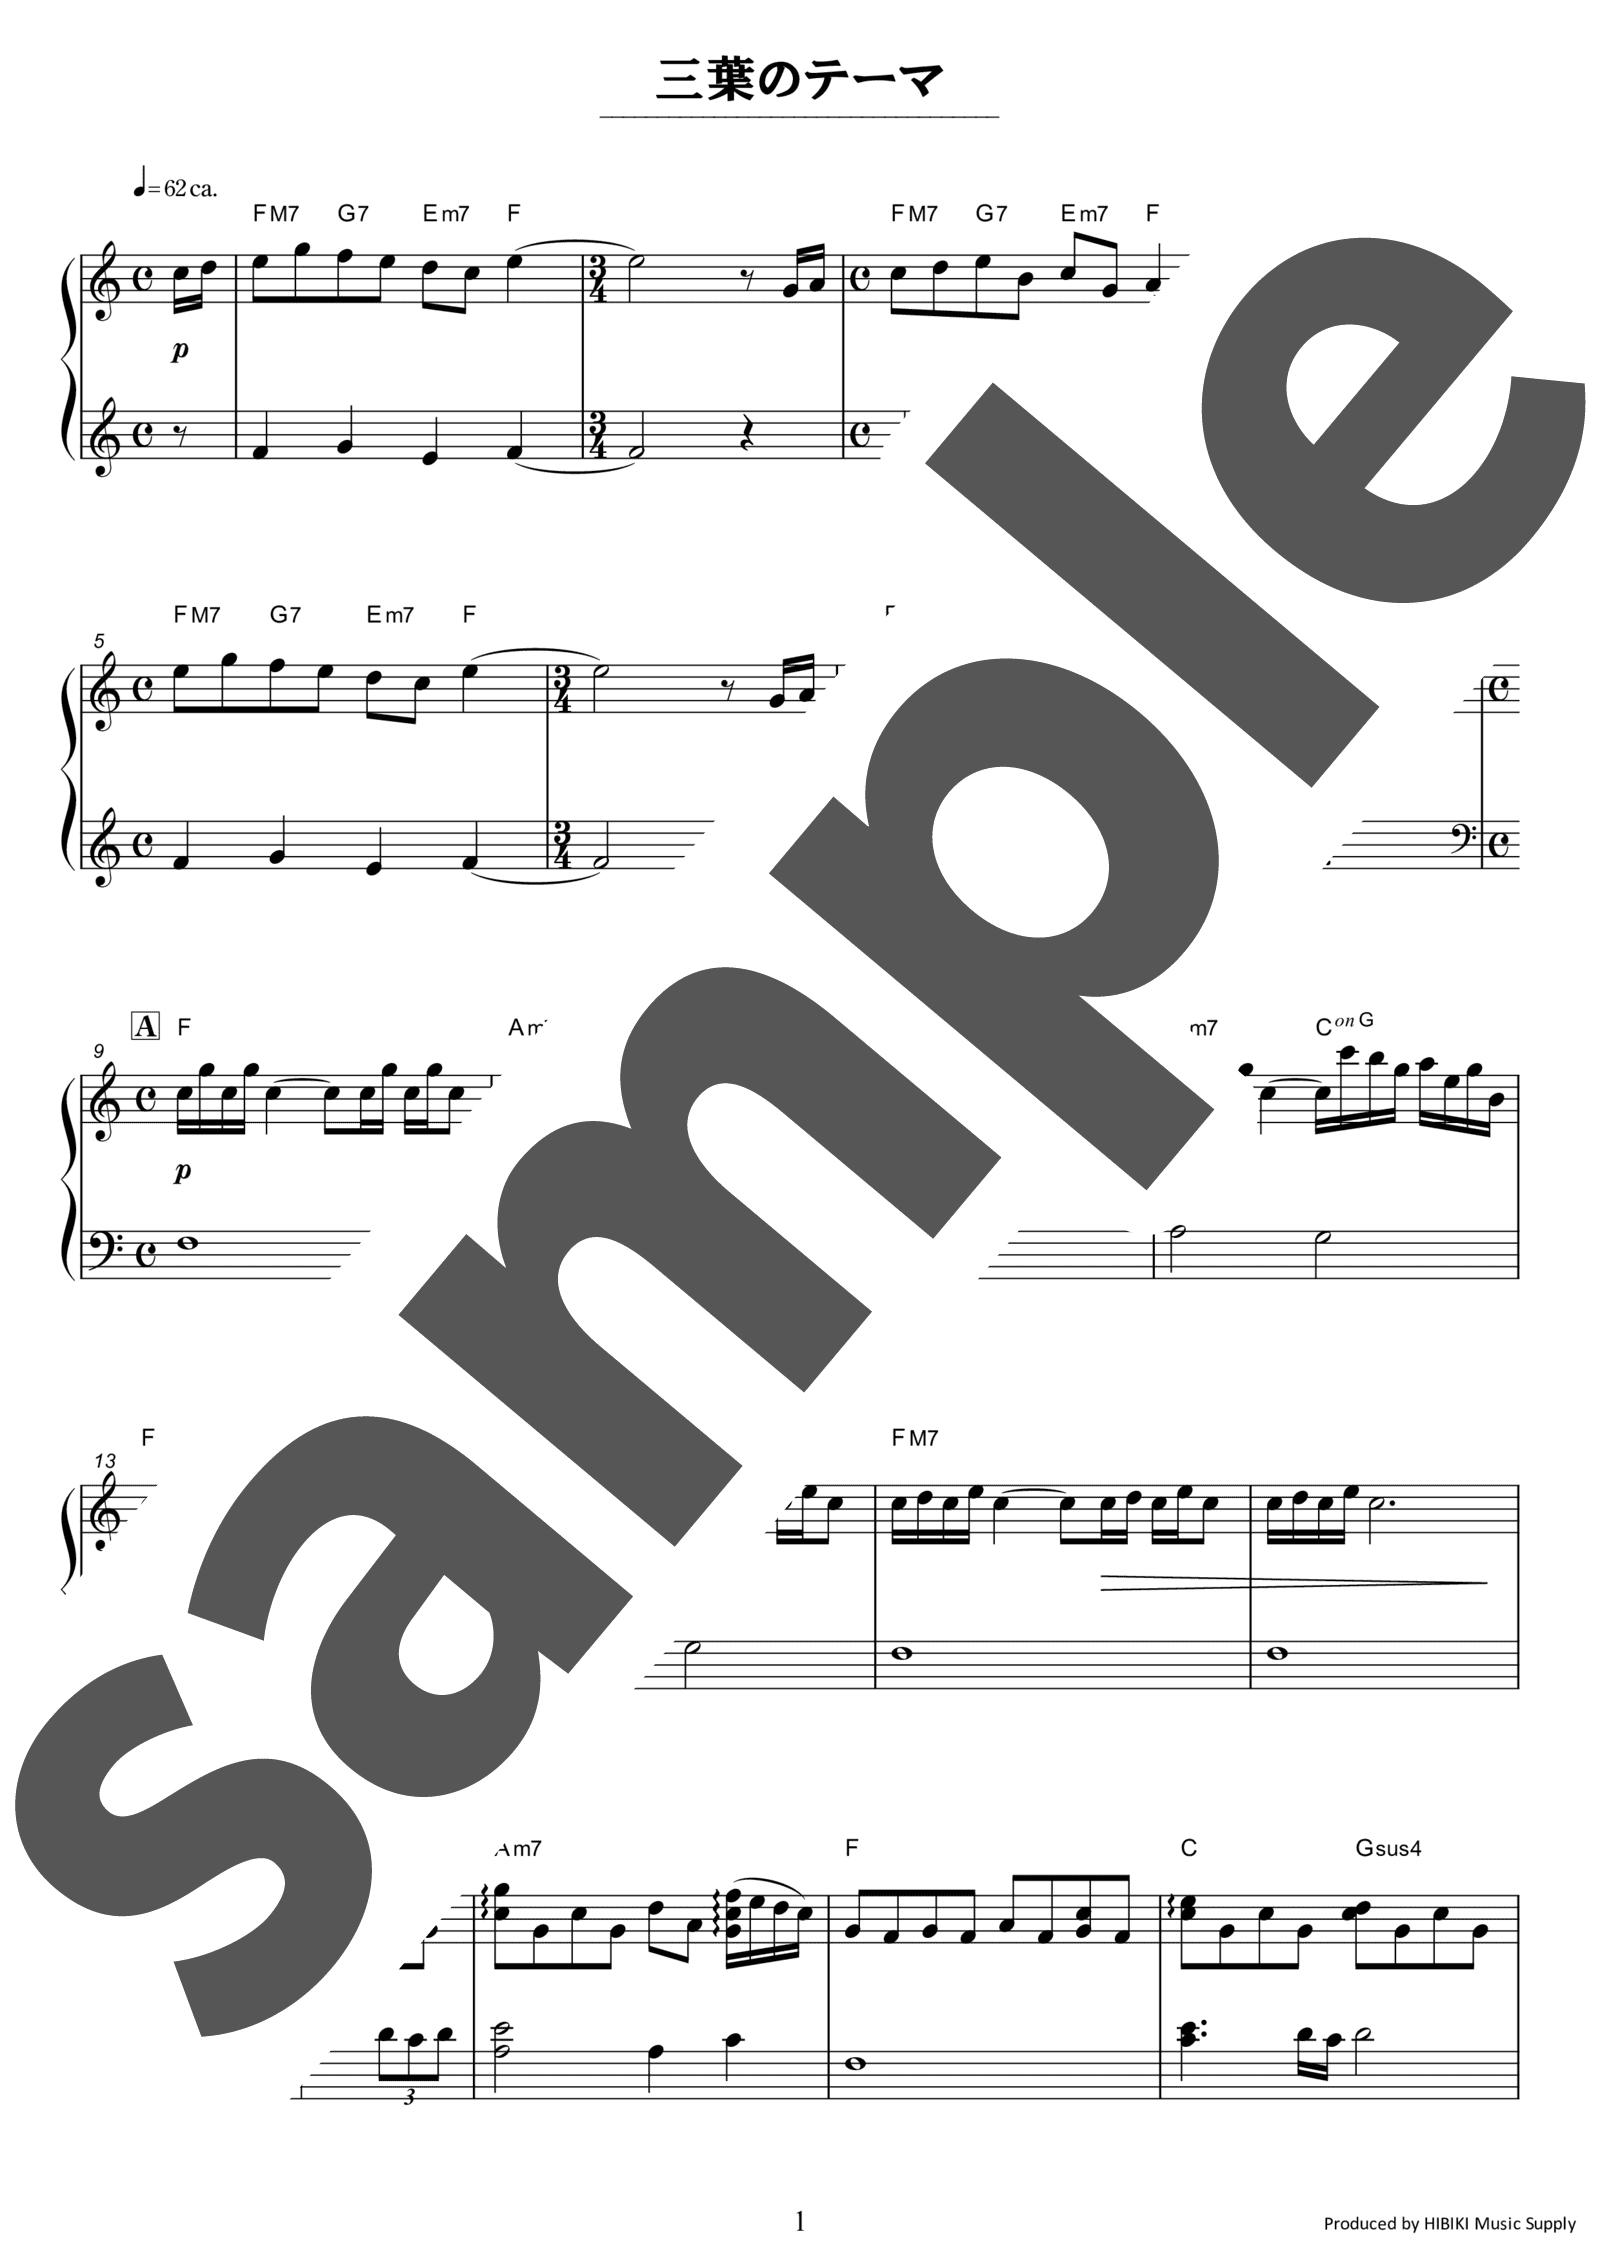 「三葉のテーマ」のサンプル楽譜